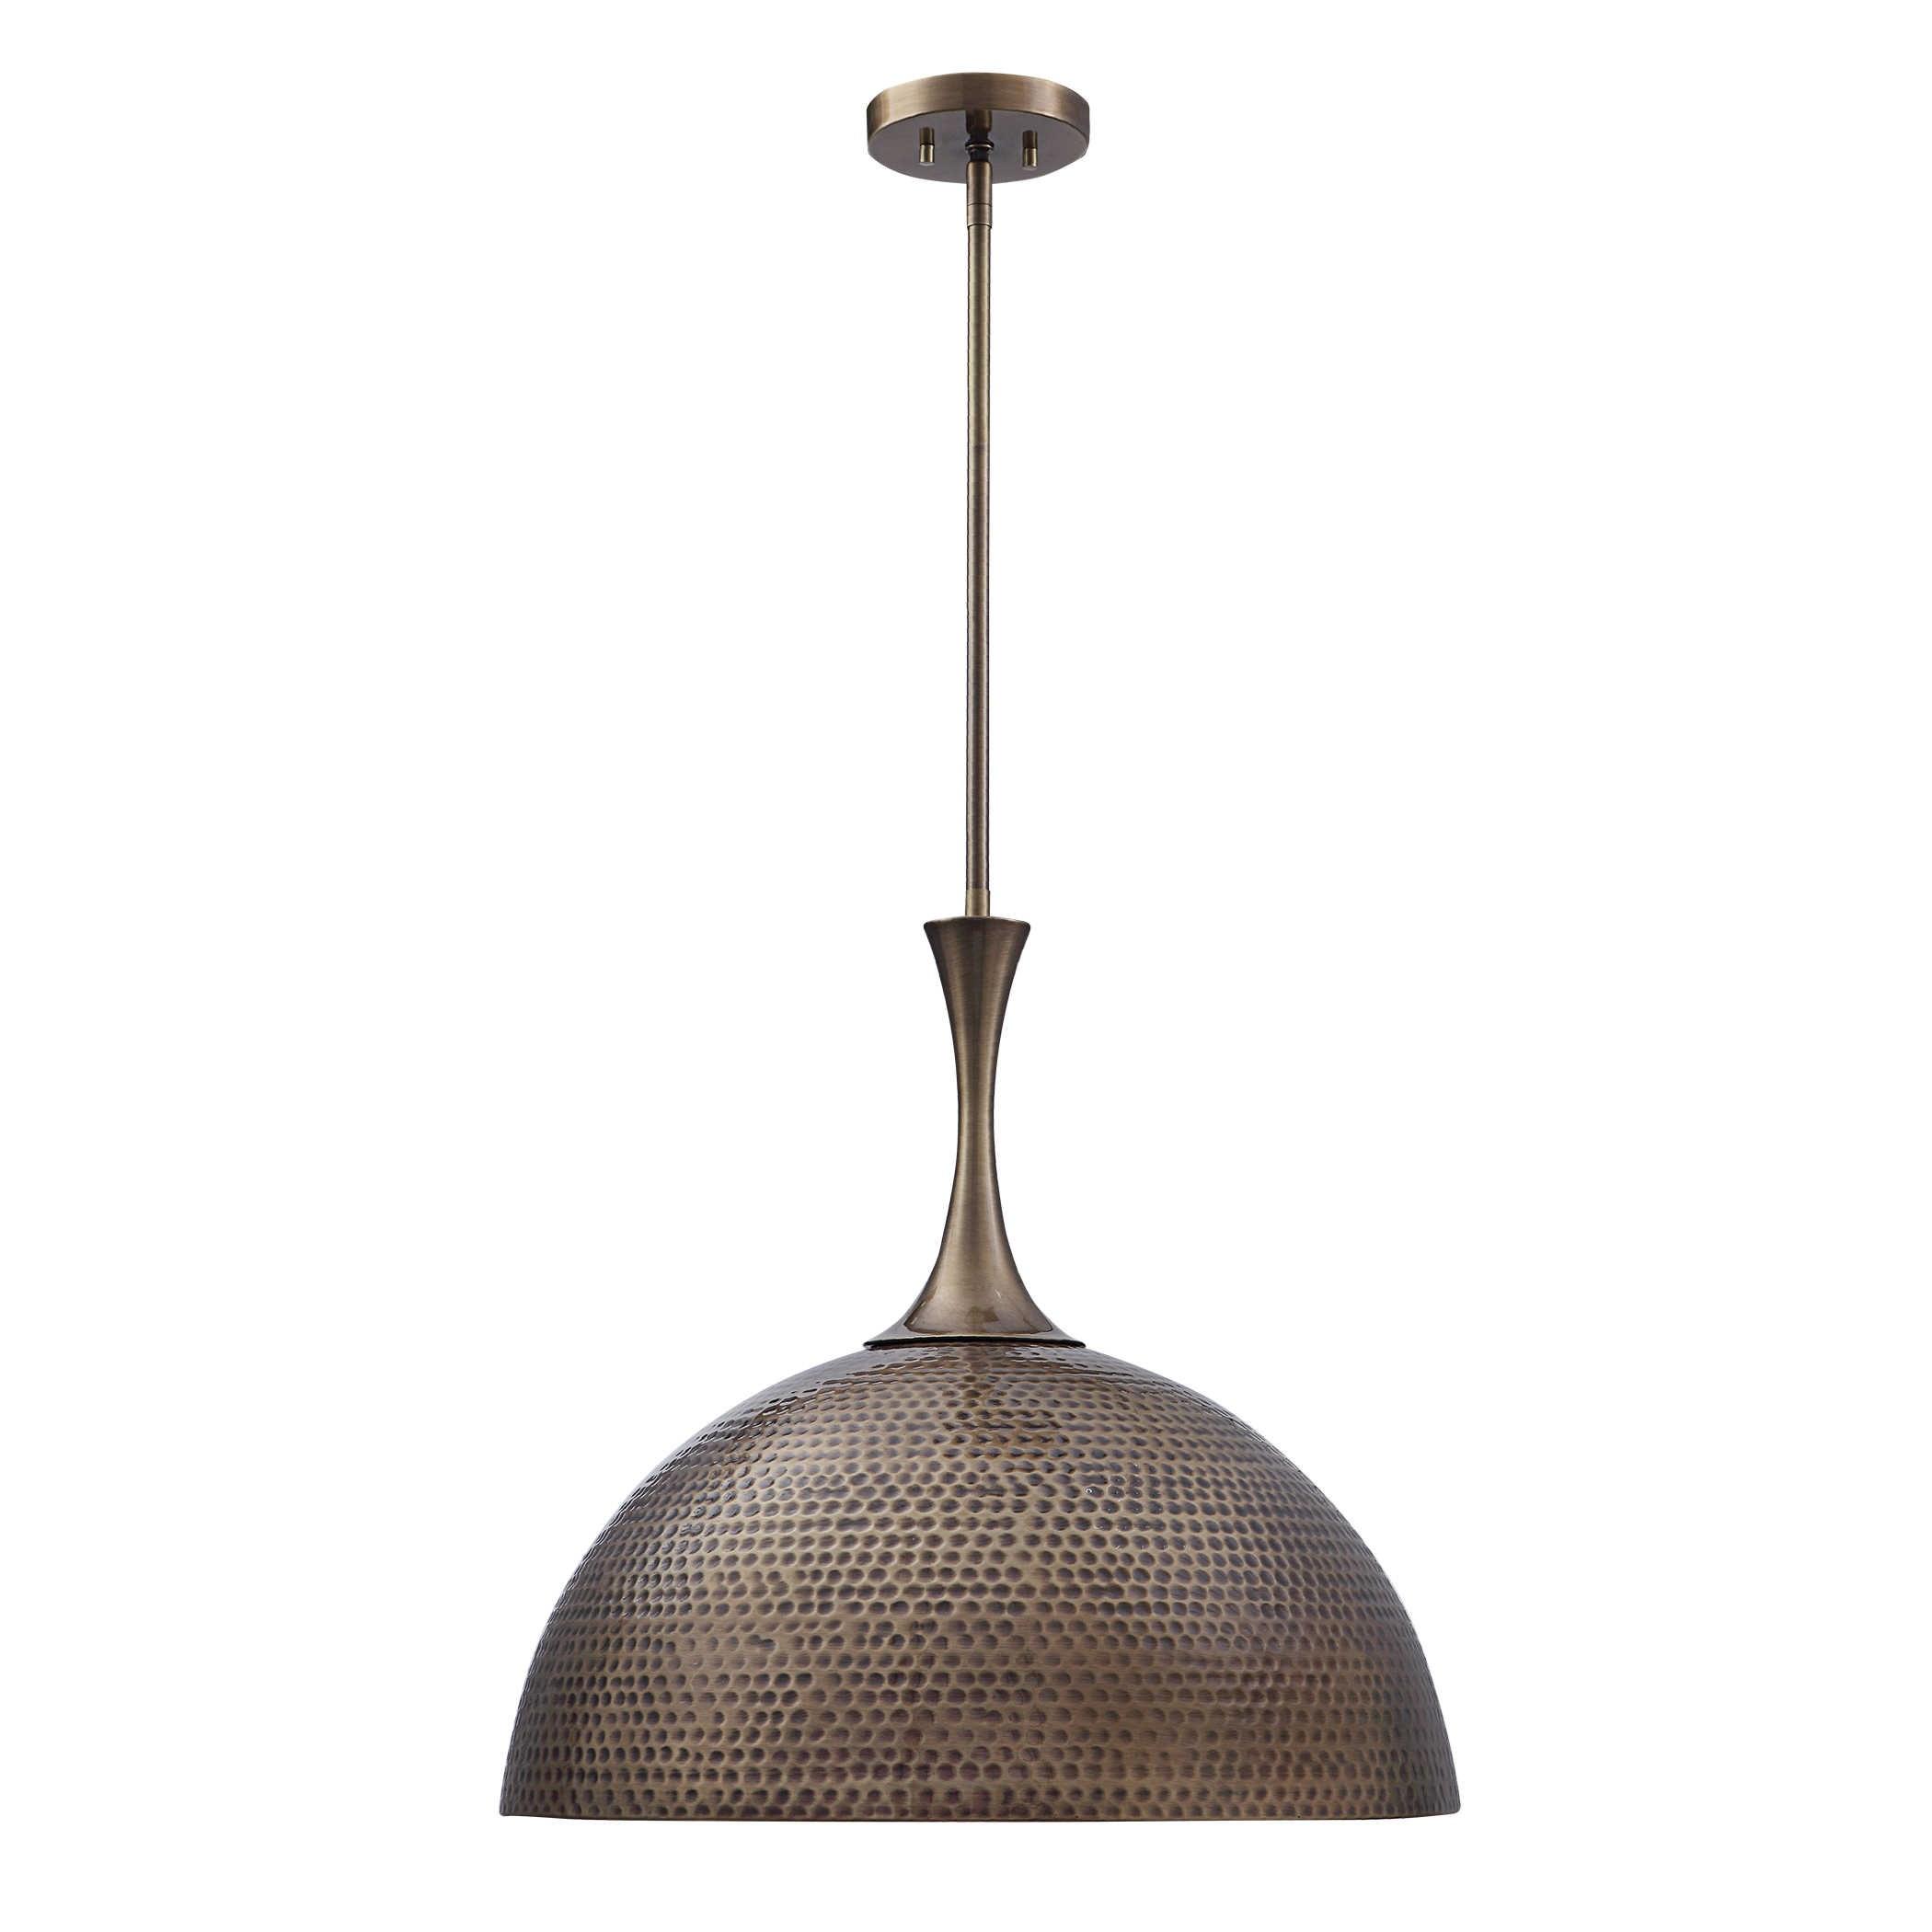 Raynott Brass 1 Light Dome Pendant